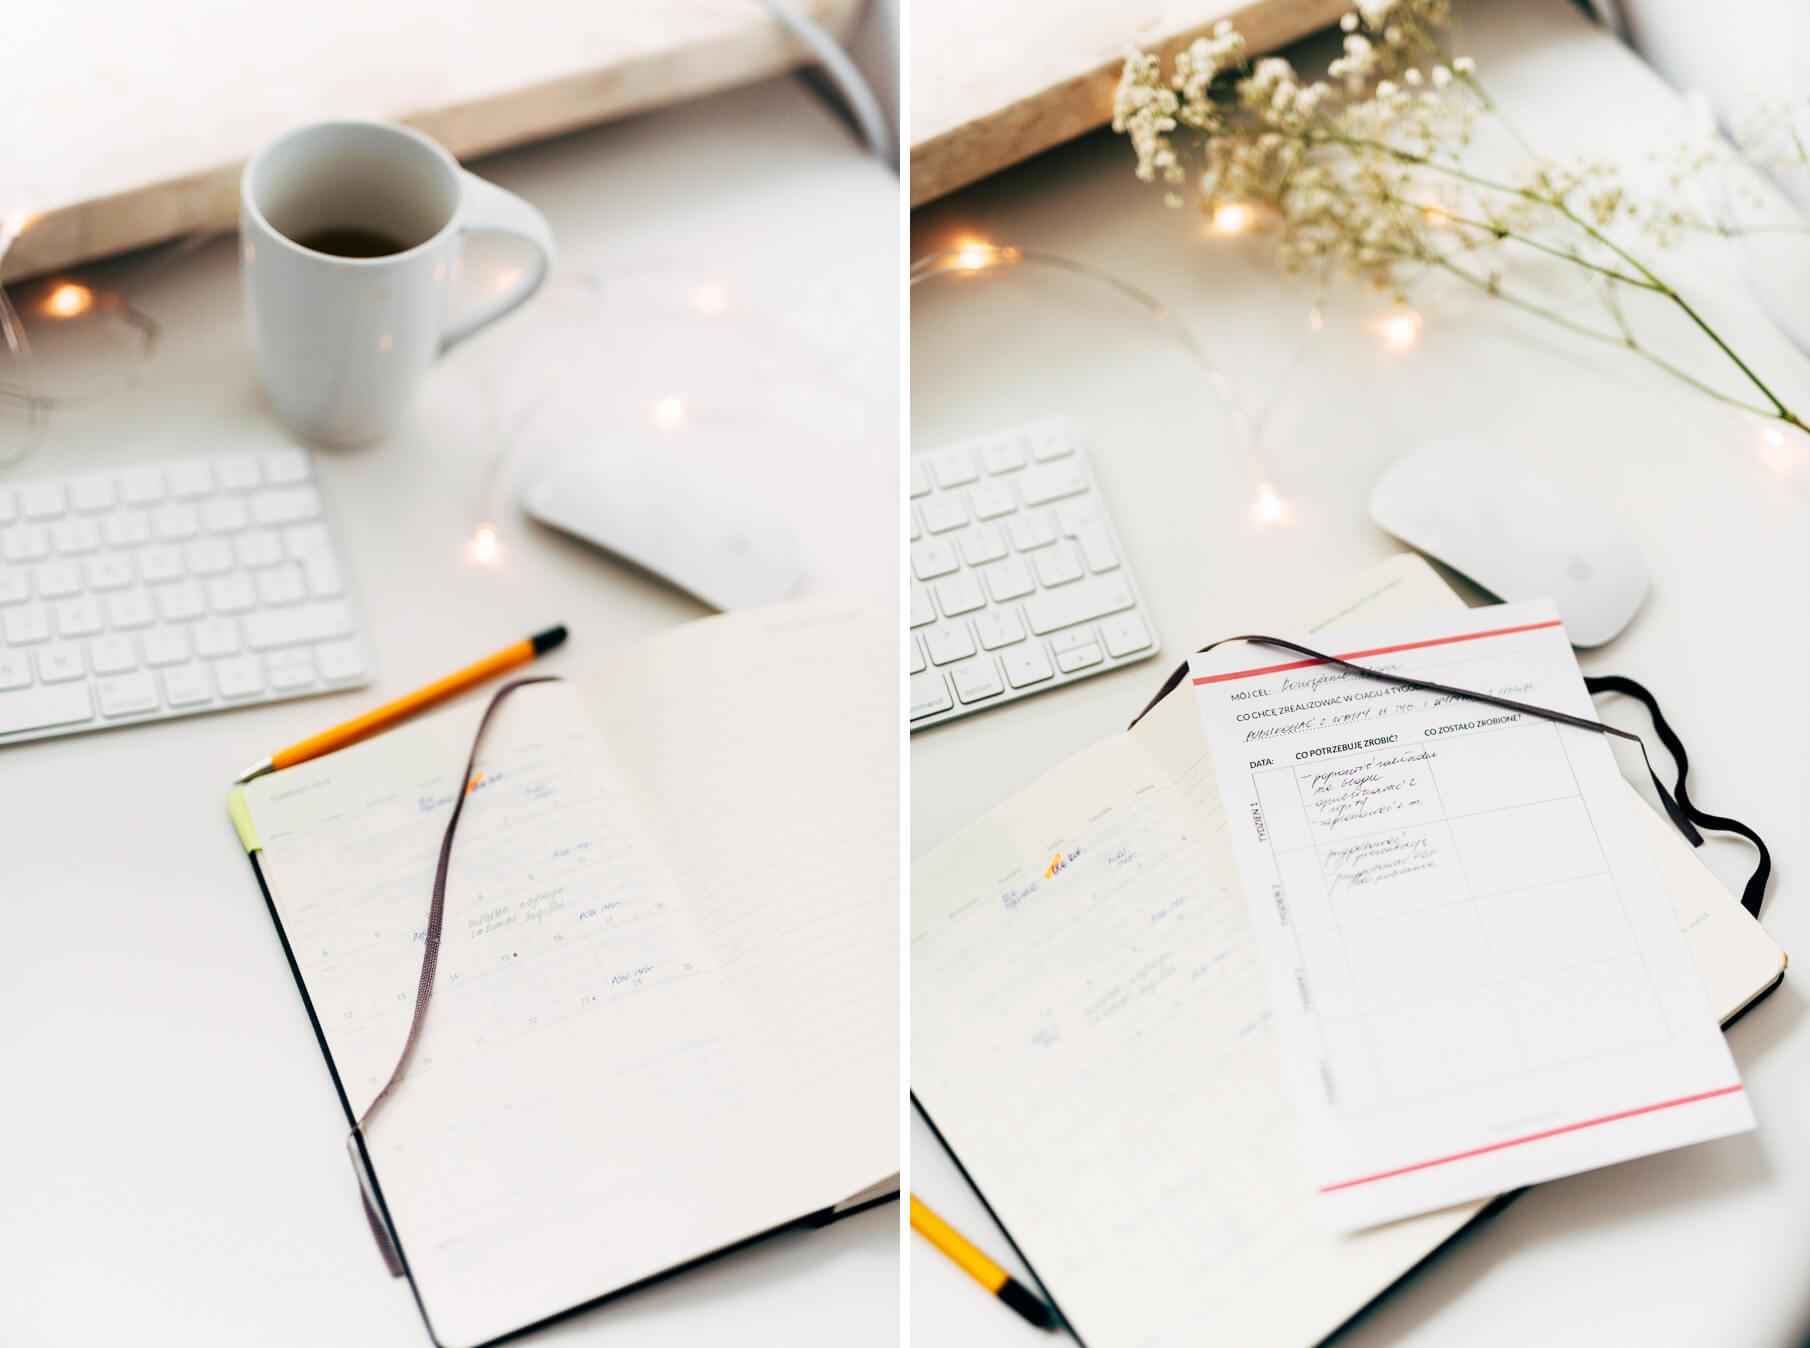 jak zaplanować miesiąc, aby zrealizować swoje cele - arkusz pdf do pobrania